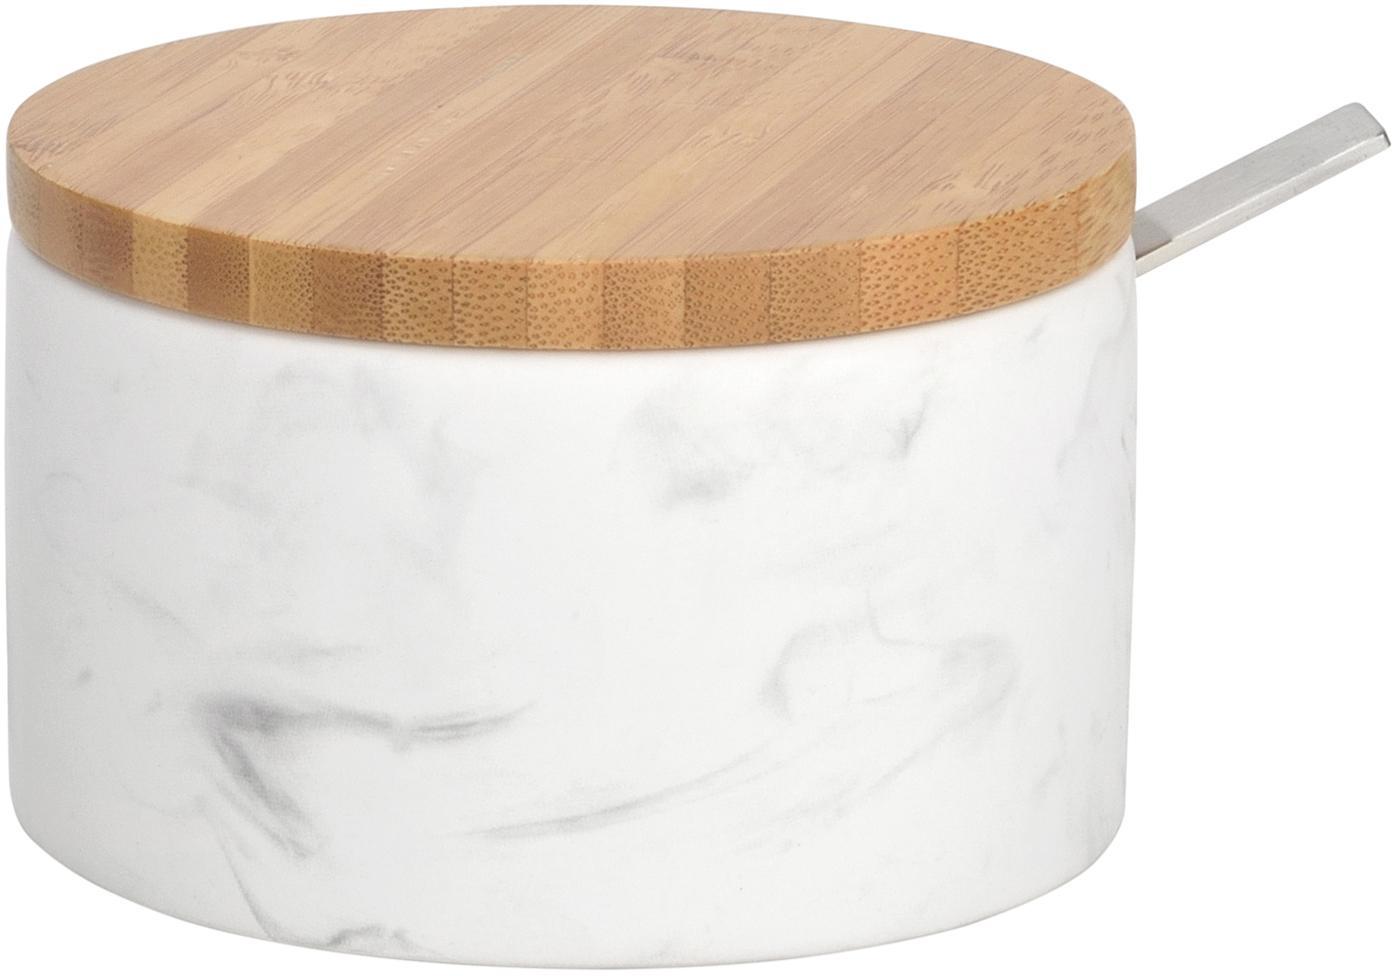 Zuccheriera con cucchiaio Kalina, Ceramica, bambù, Bianco, marmorizzato, bambù, Ø 13 x Alt. 7 cm